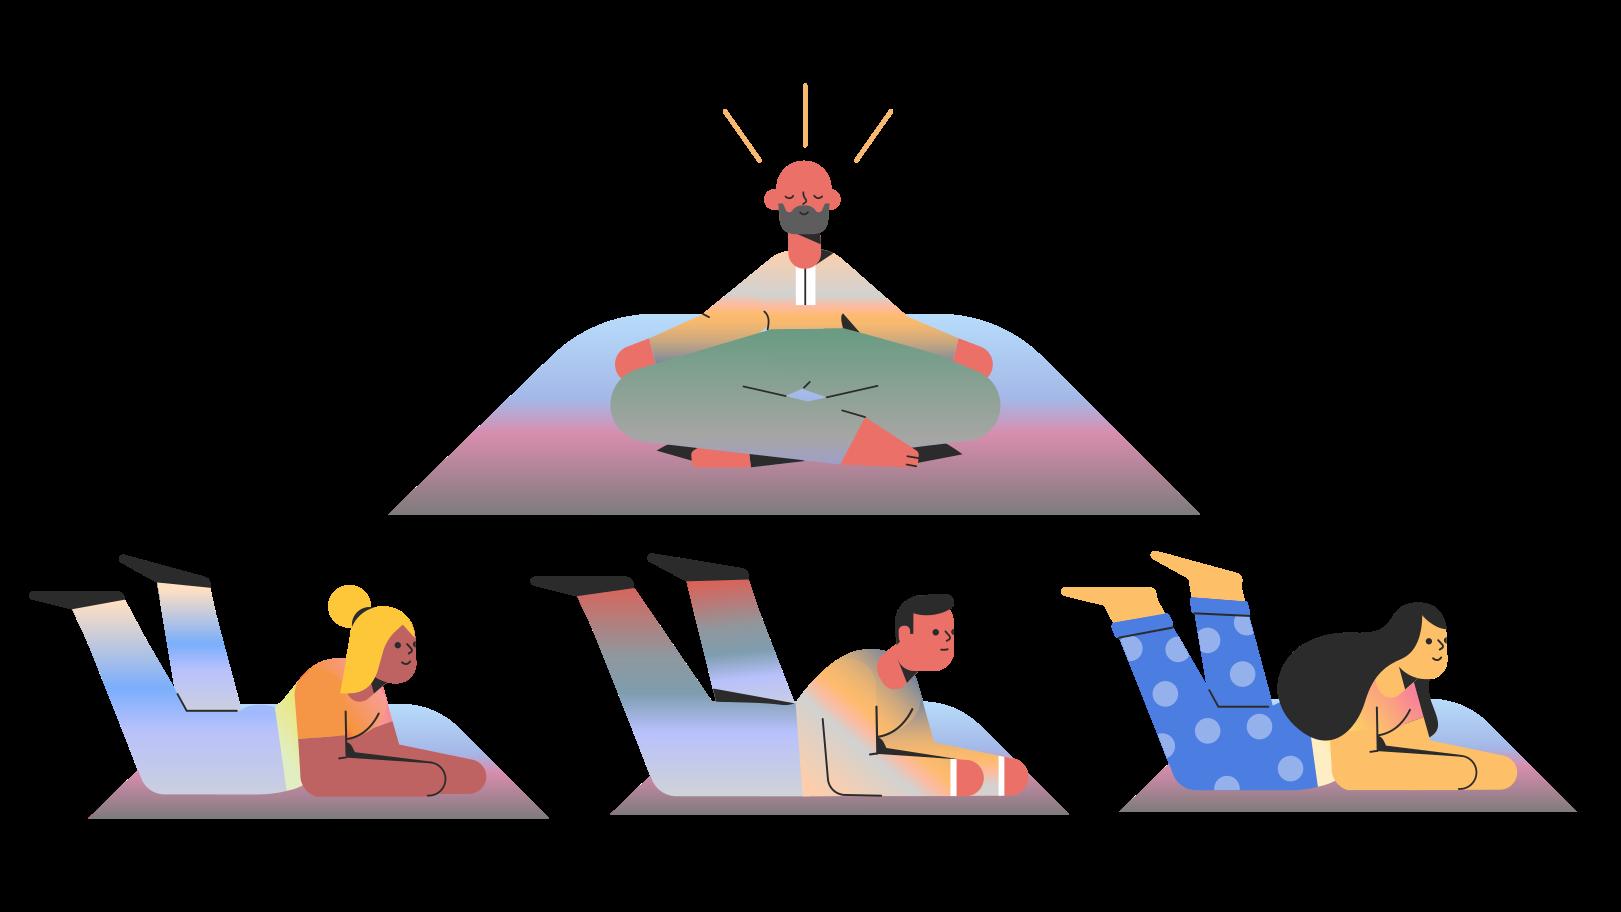 Guru Clipart illustration in PNG, SVG